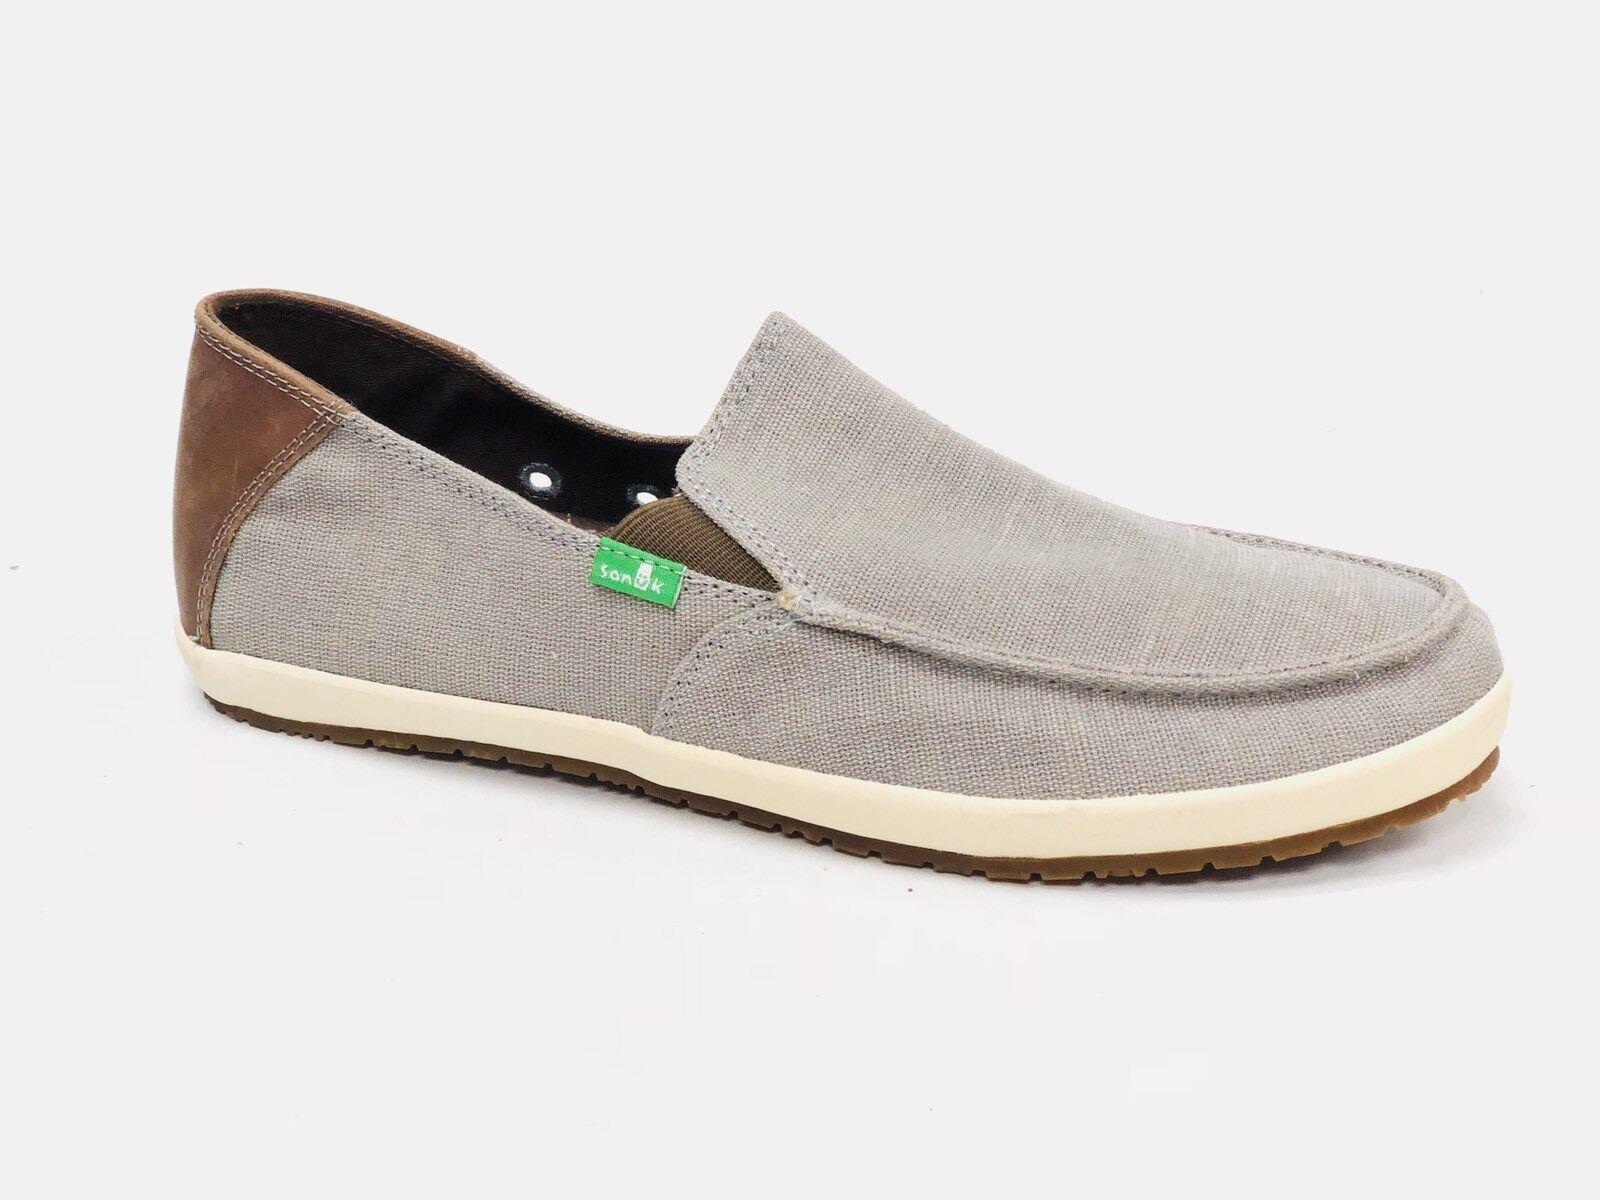 SANUK CASA Vintage GREY  BOAT CANVAS SHOES MENS slip on loafer shoes SMF11011 NEW